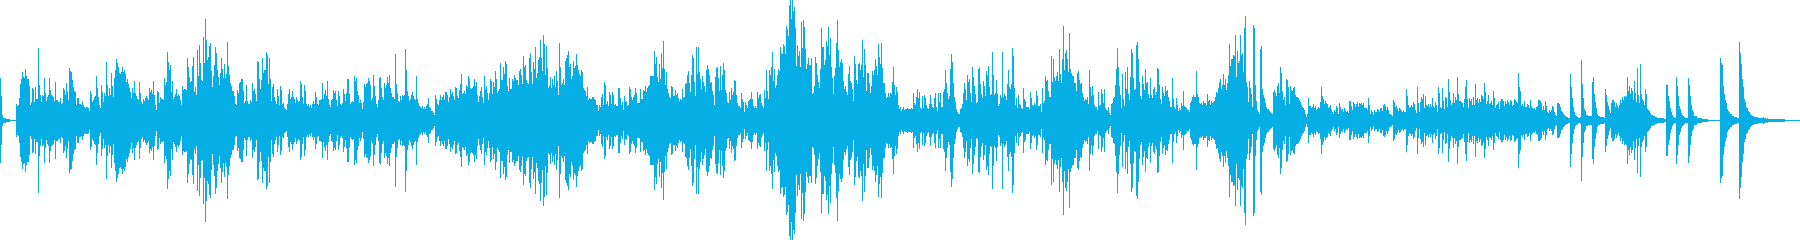 ショパン ノクターン Op55-No2の再生済みの波形